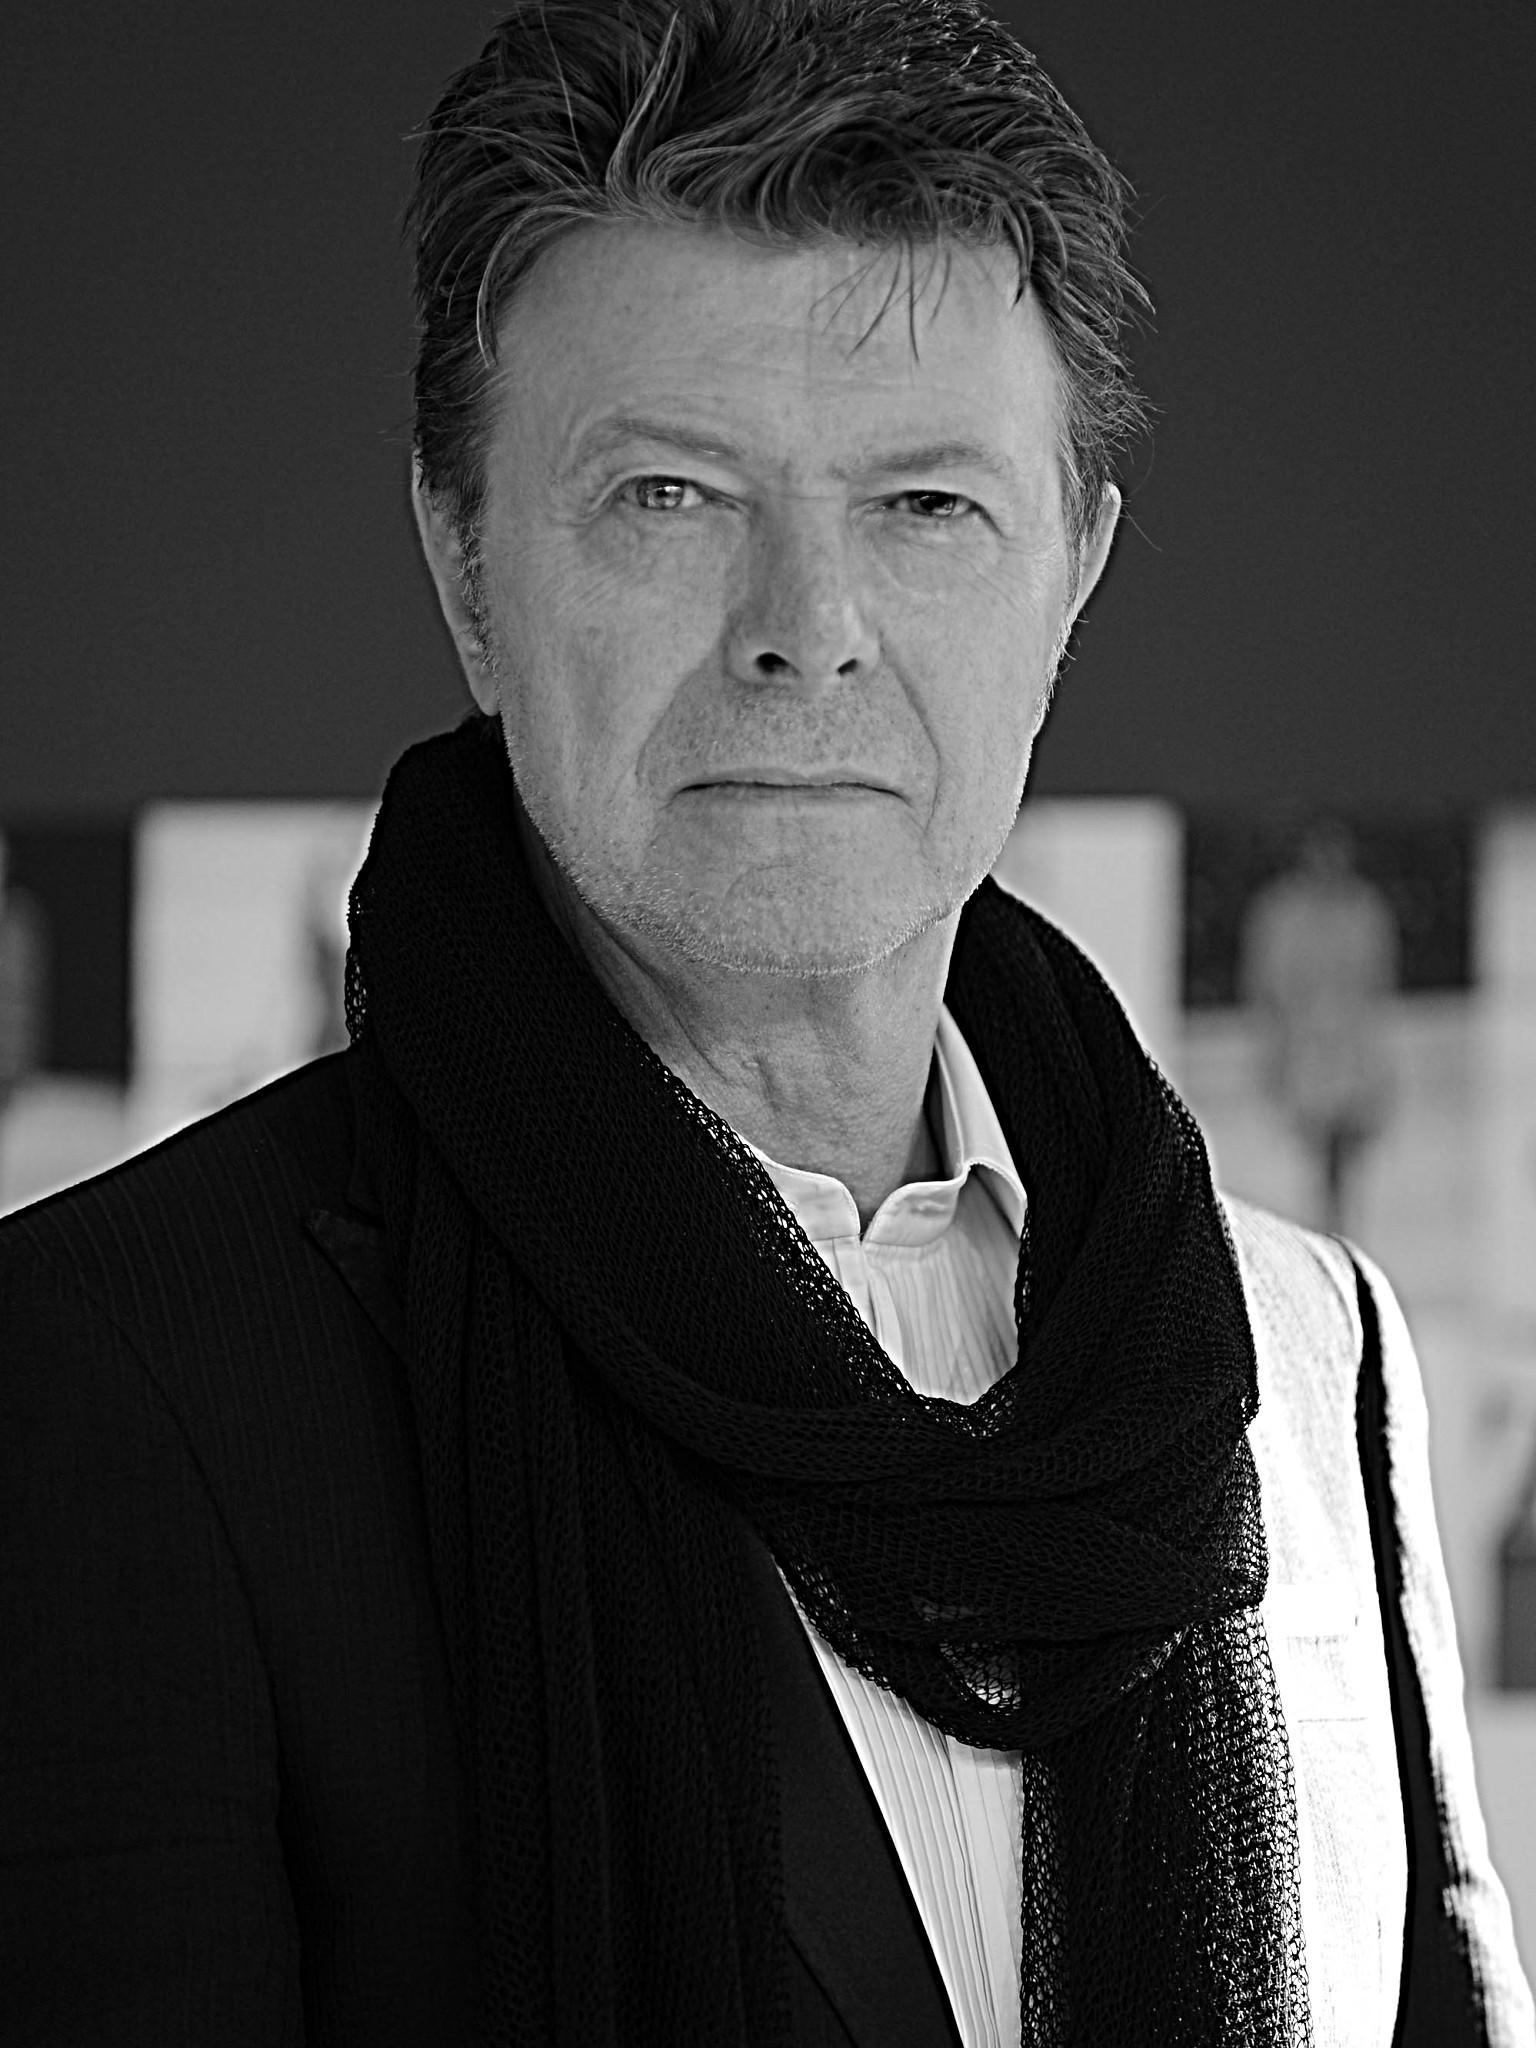 David Bowie Seine Grossten Erfolge Misserfolge Und Meilensteine